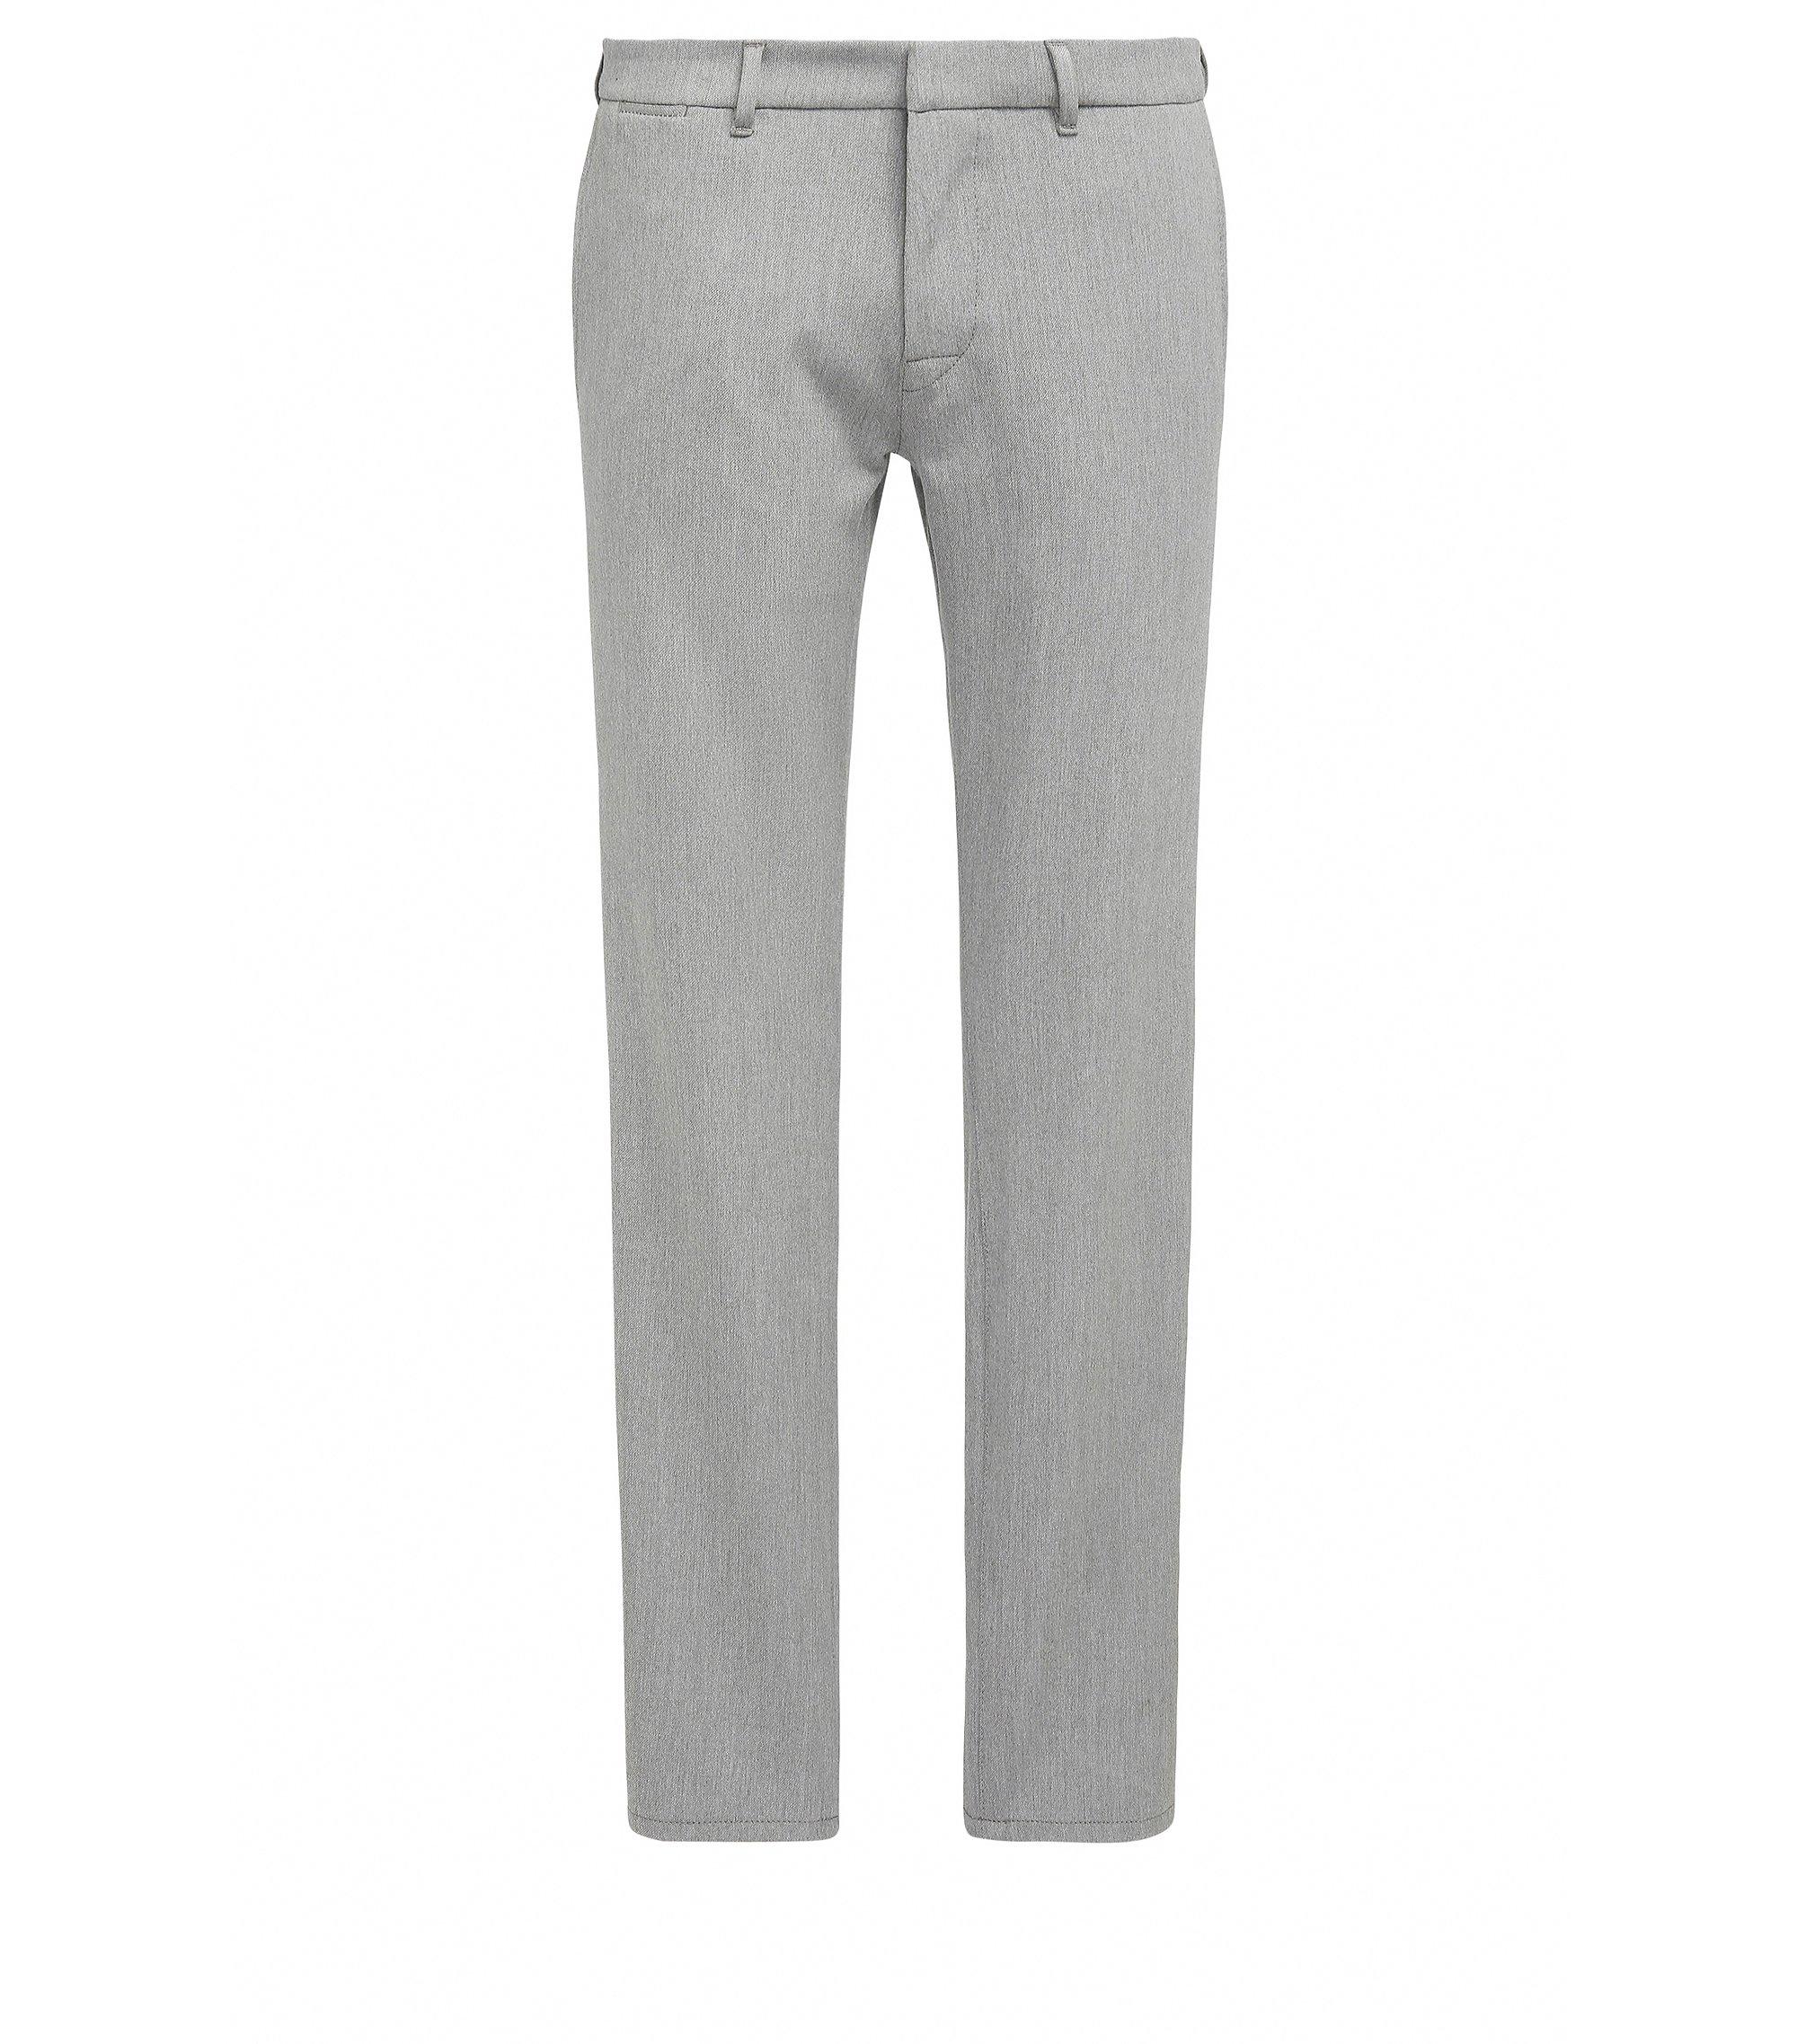 Pantalon Slim Fit en twill stretch orné de surpiqûres , Gris chiné